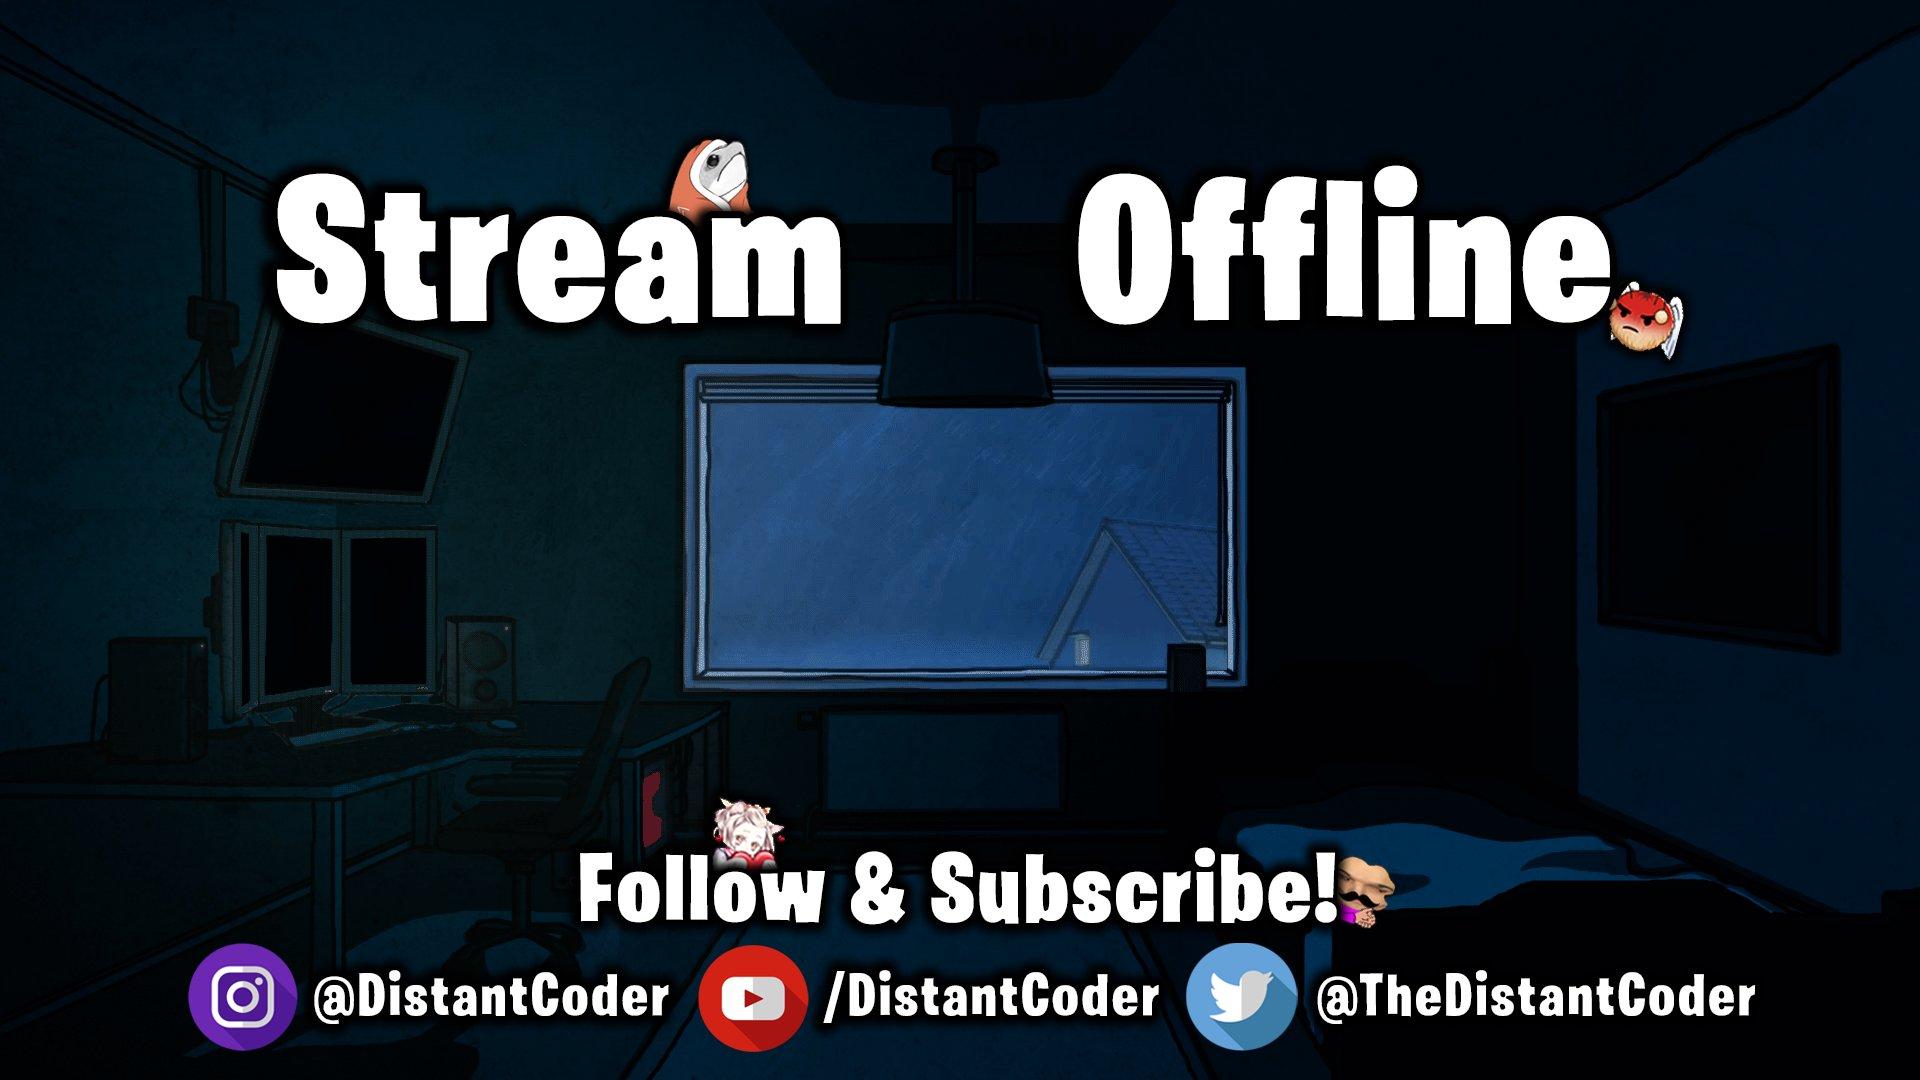 Twitch stream of DistantCoder